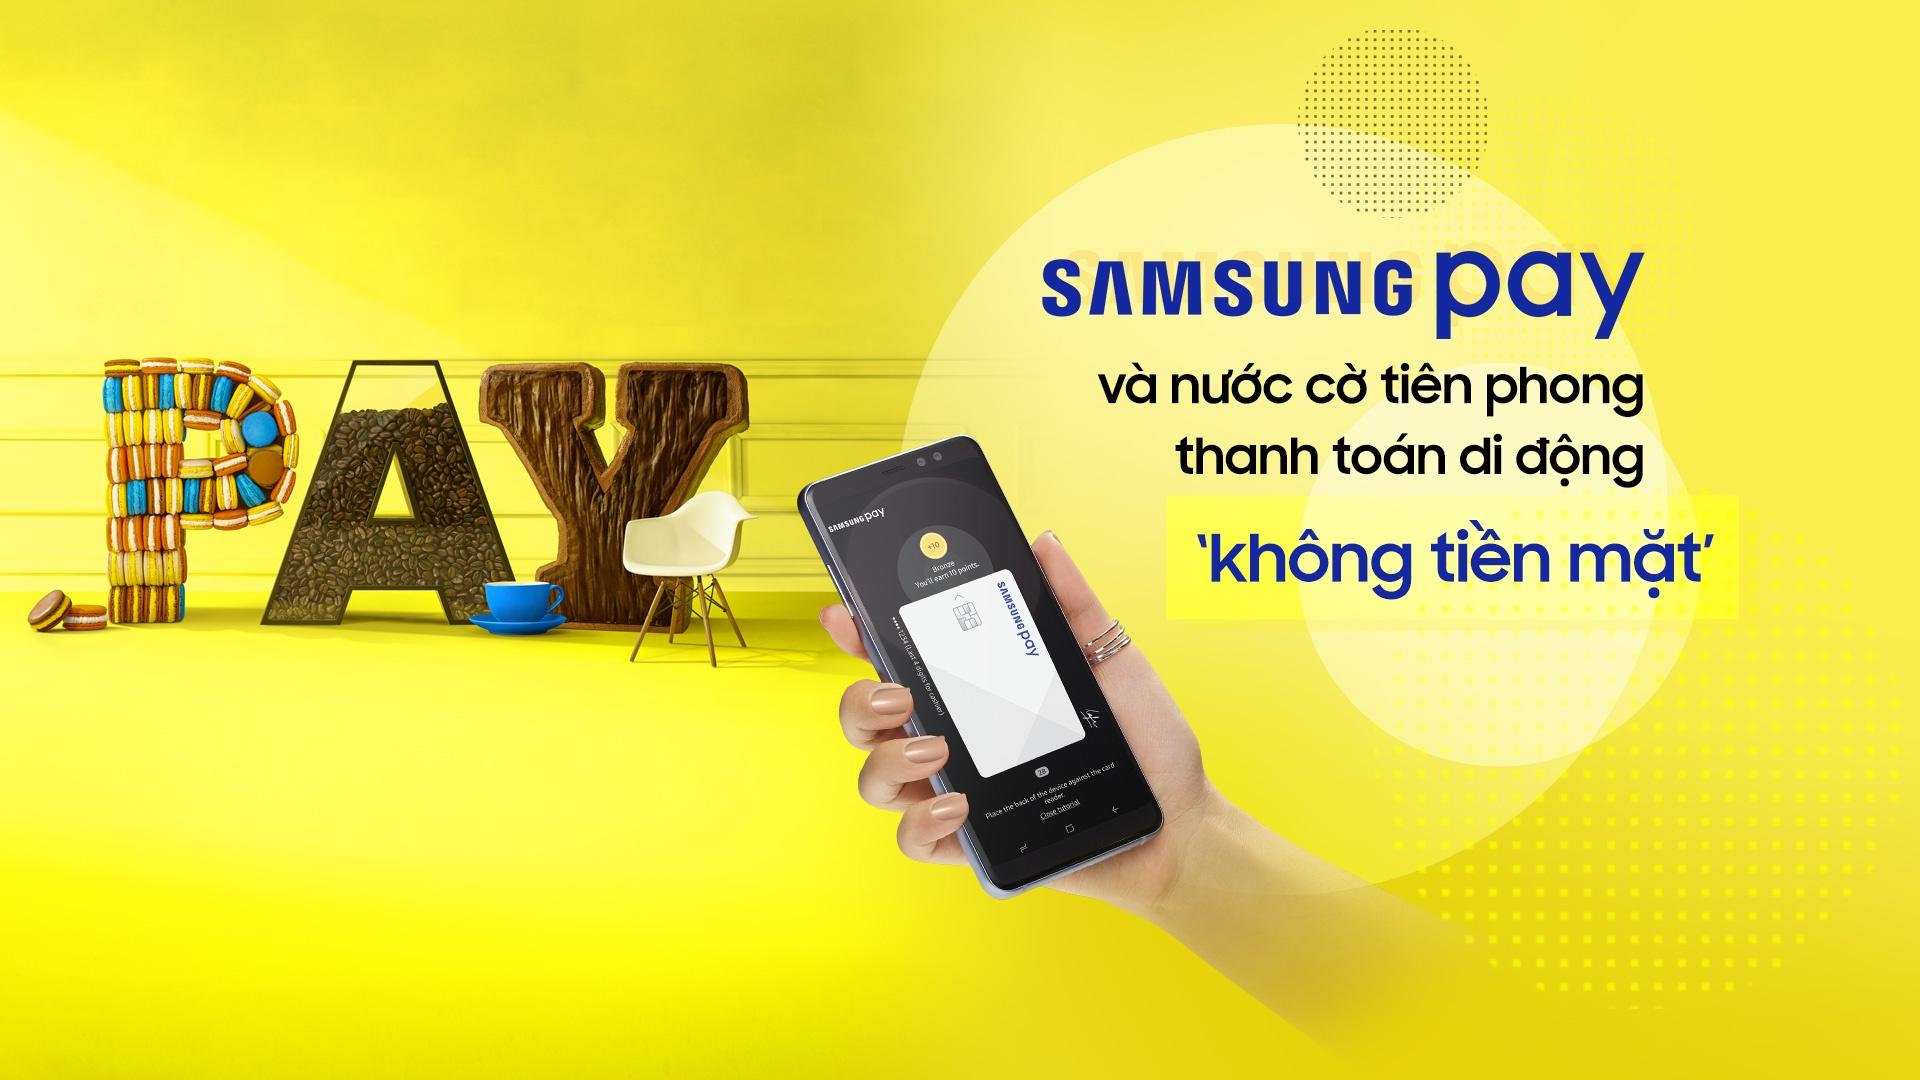 Samsung Pay va nuoc co tien phong thanh toan di dong 'khong tien mat' hinh anh 2